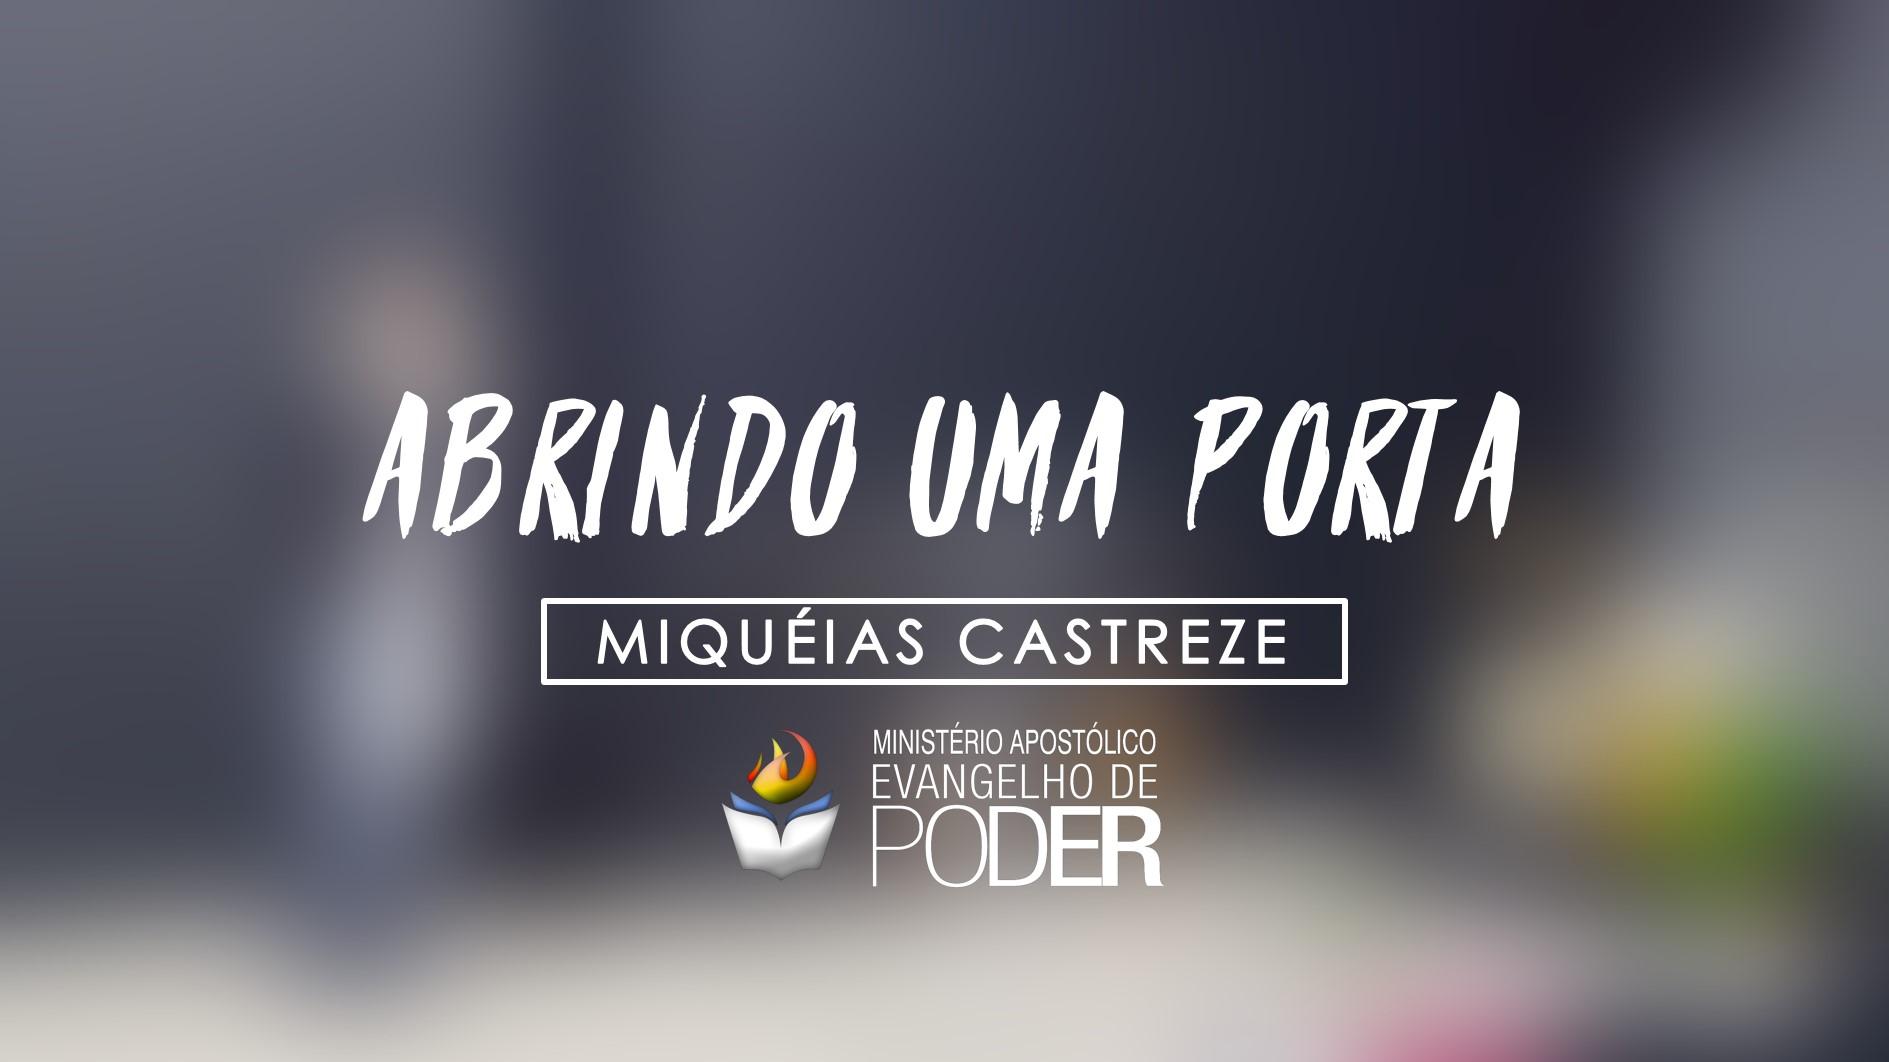 ABRINDO UMA PORTA